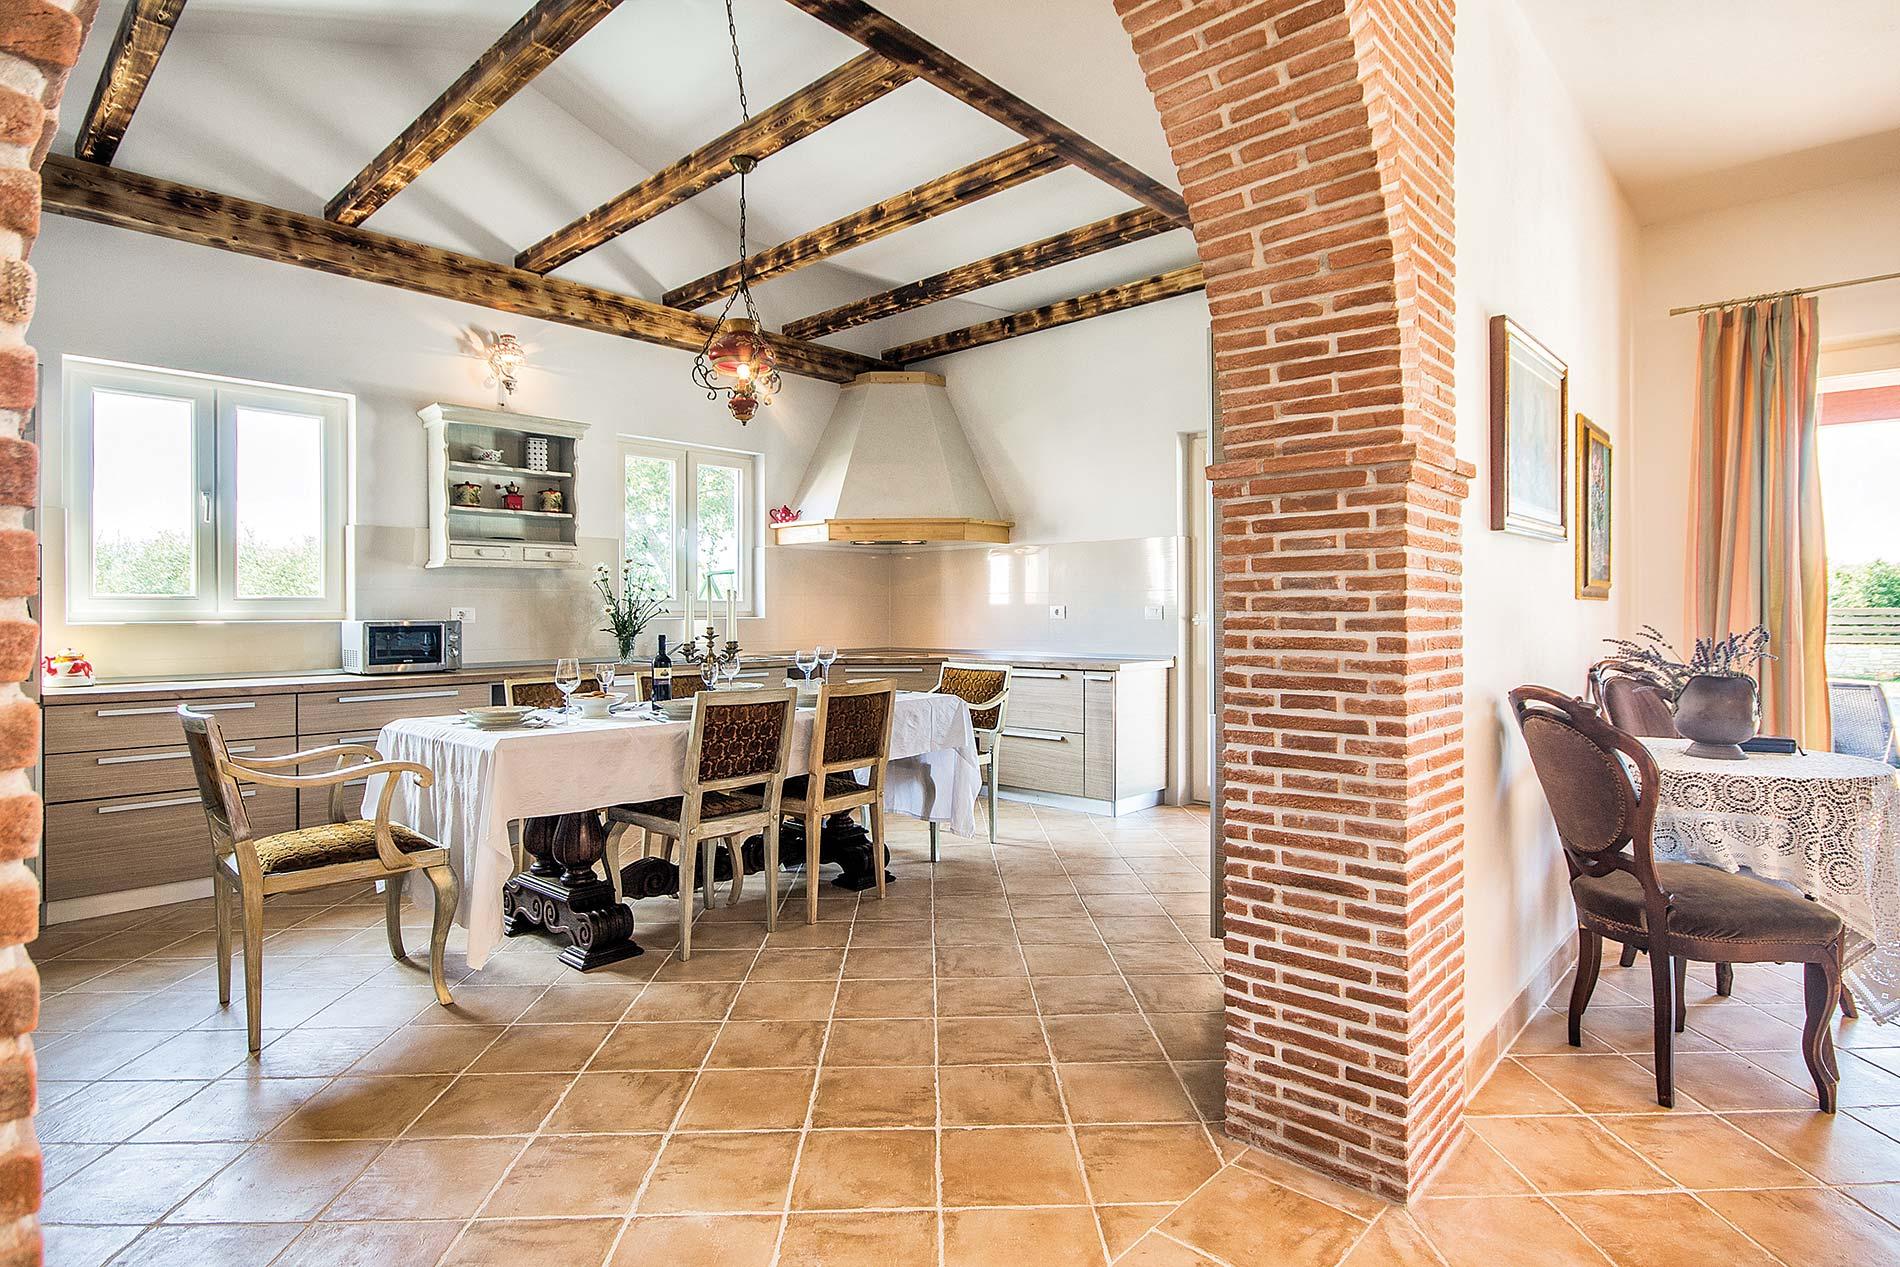 Villa Nicol in Pula - sleeps 8 people